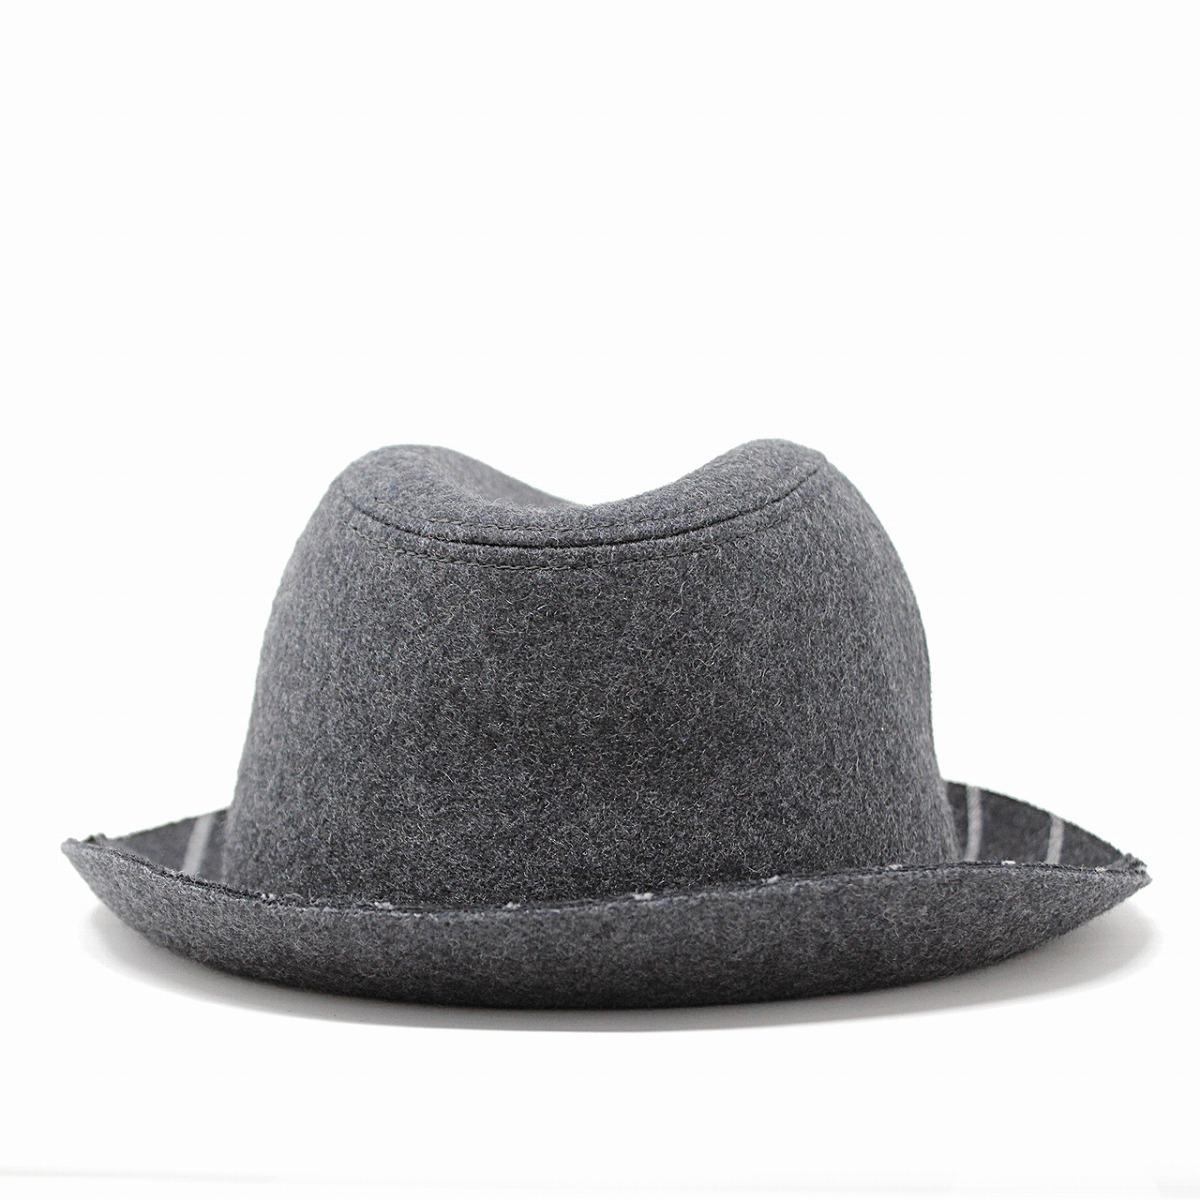 1fa1aefb8ae Charcoal Grey Fedora Hat. smithbilt hats 3x quality dark grey fine ...